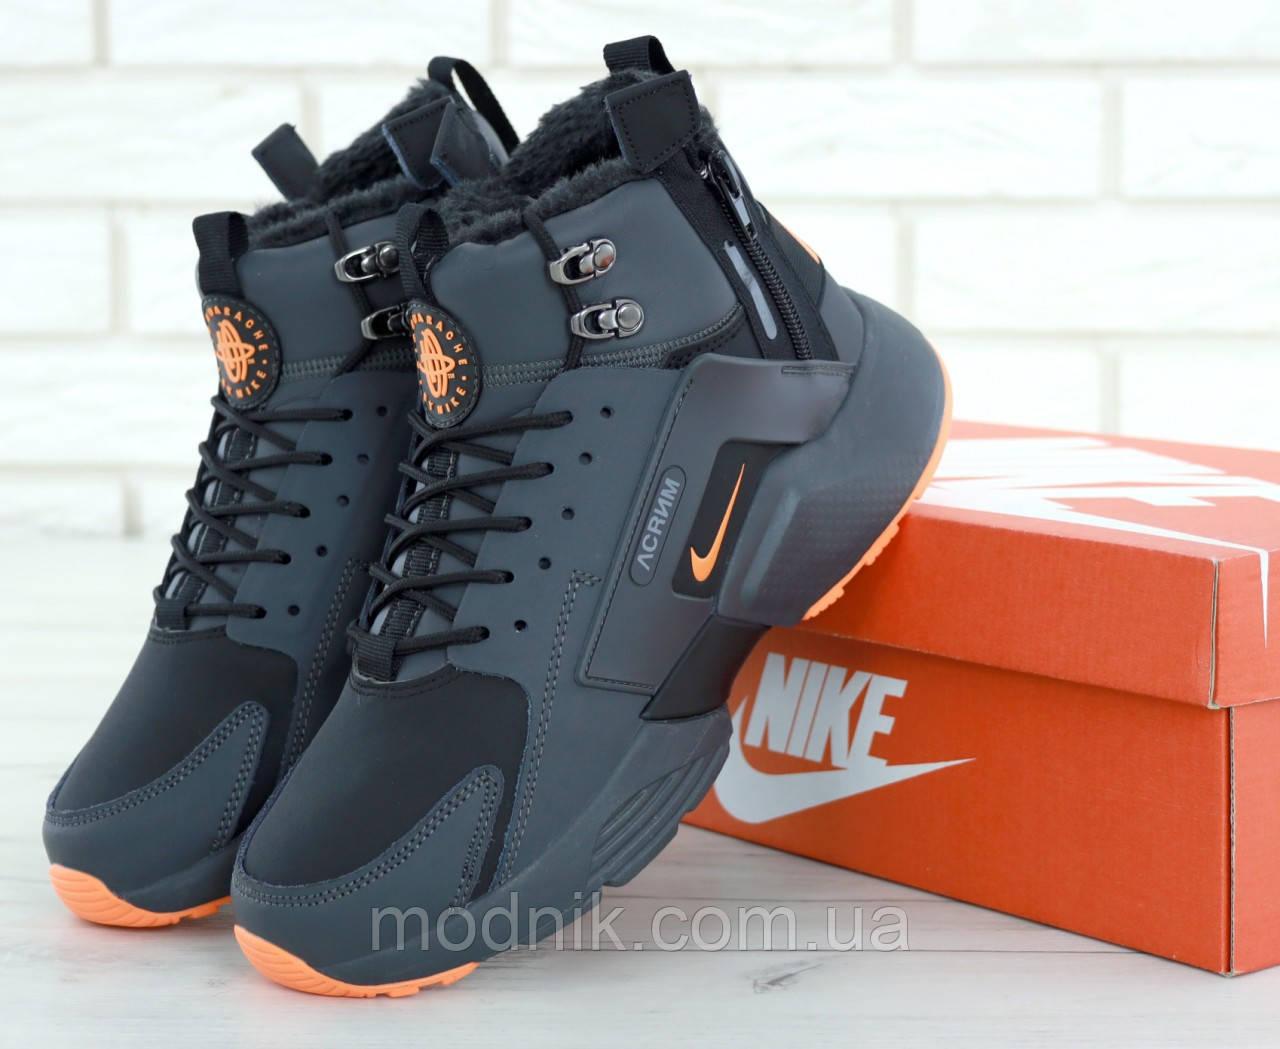 Мужские зимние кроссовки Nike Air Huarache Winter с мехом (серо-оранжевые)